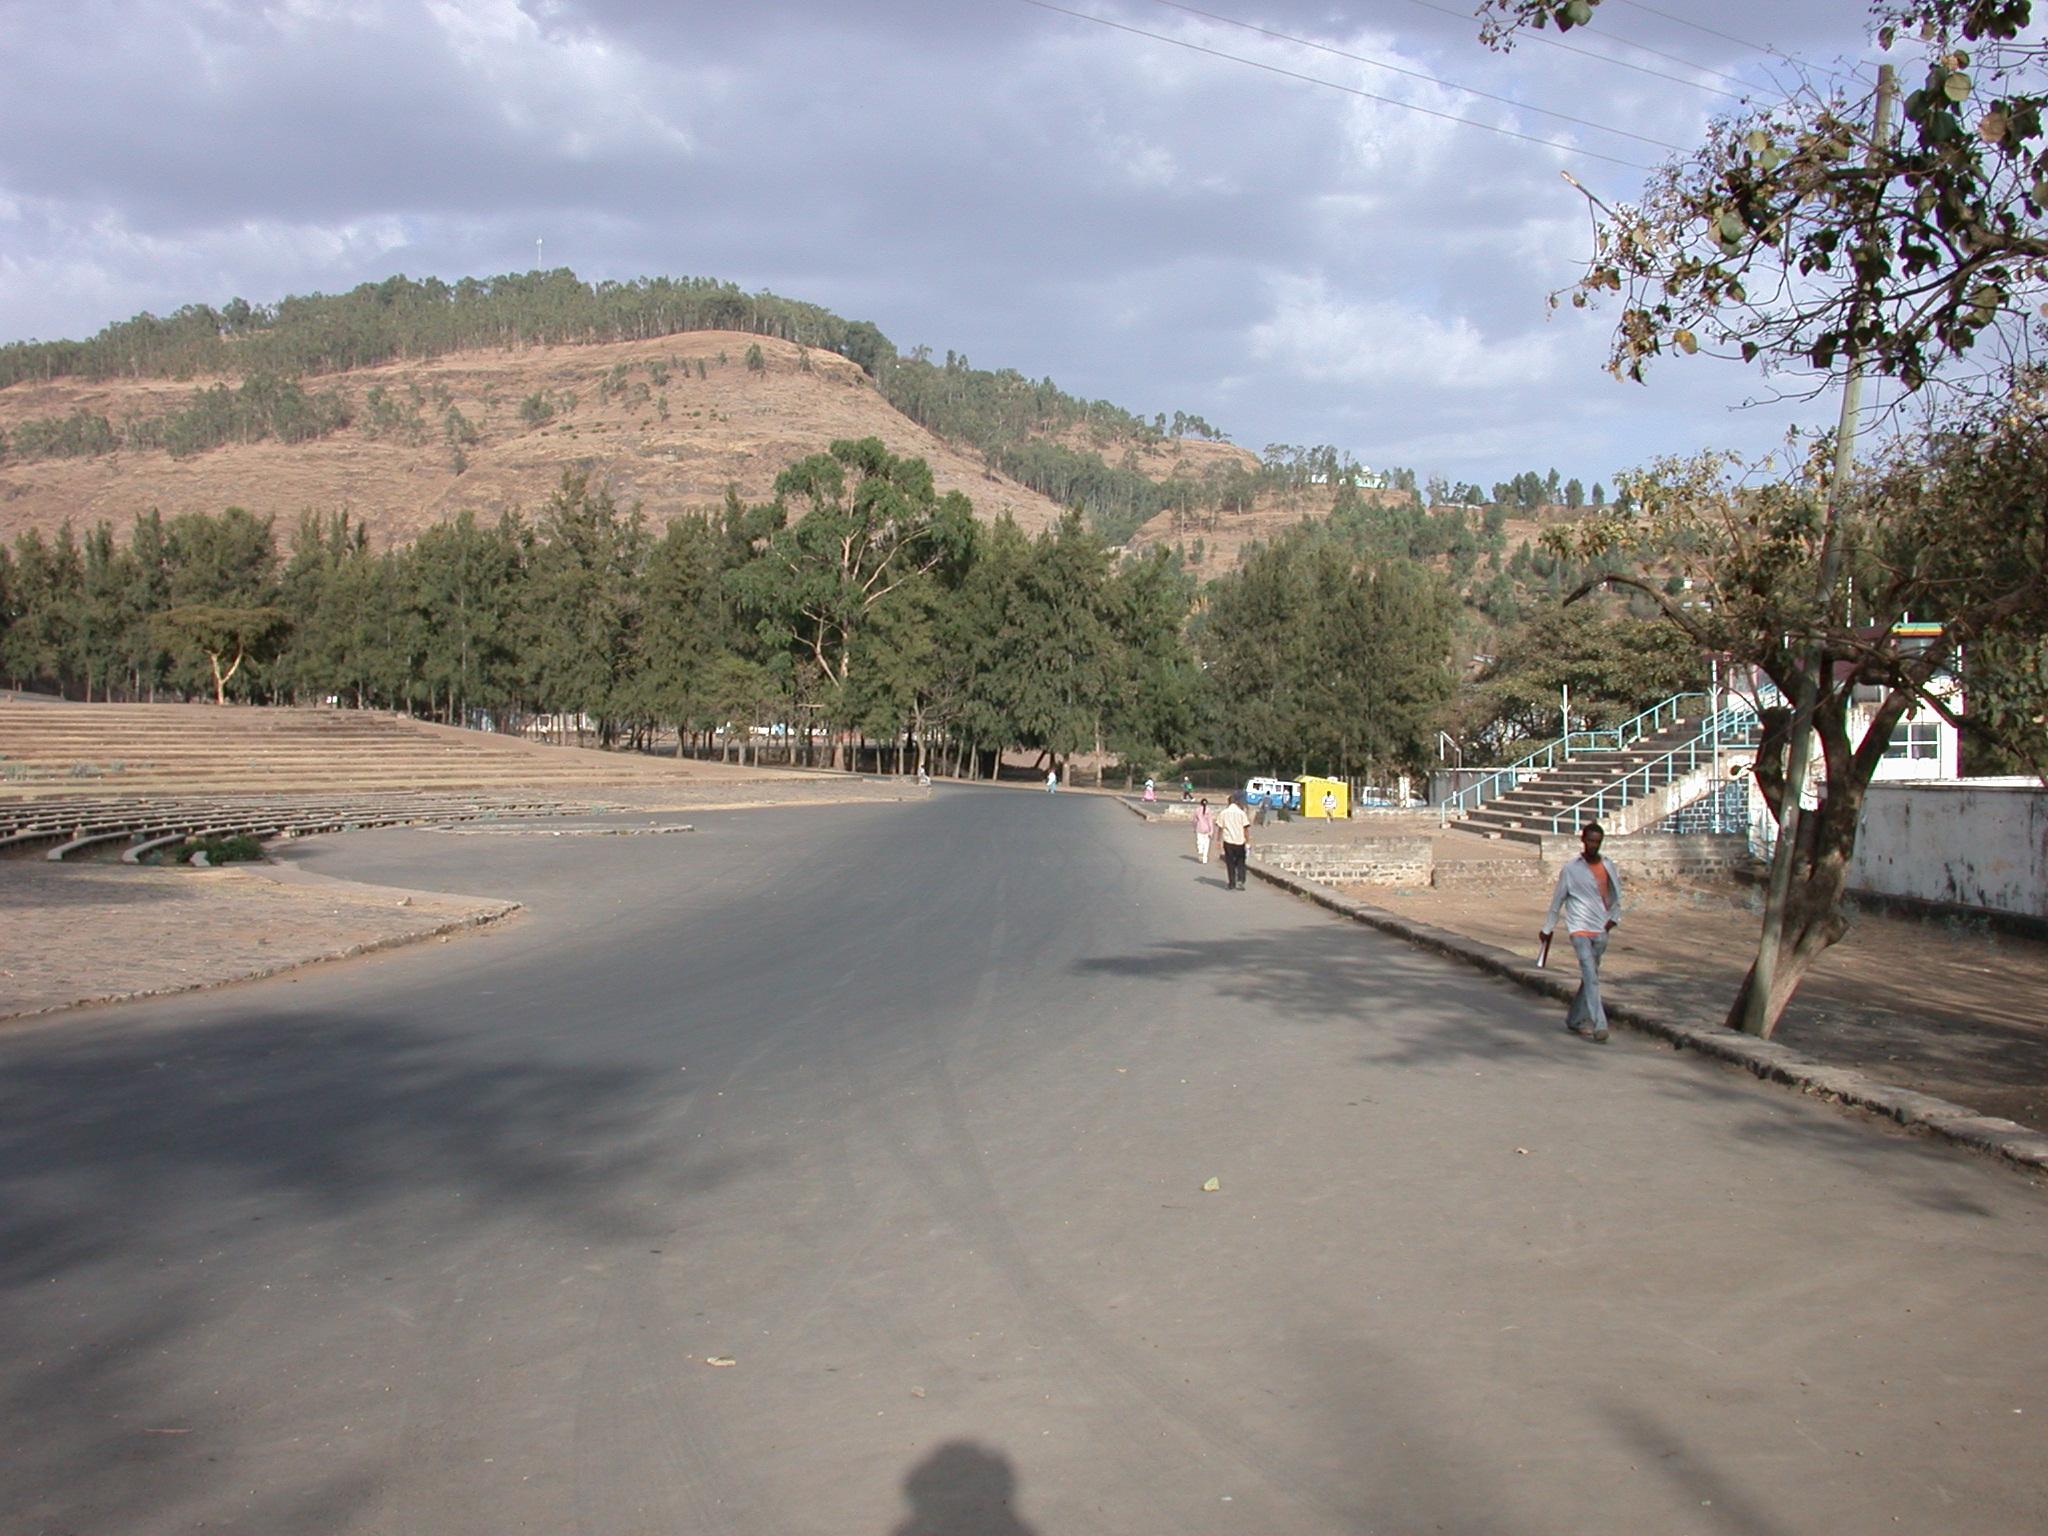 Derg-Era Stadium, Gonder, Ethiopia